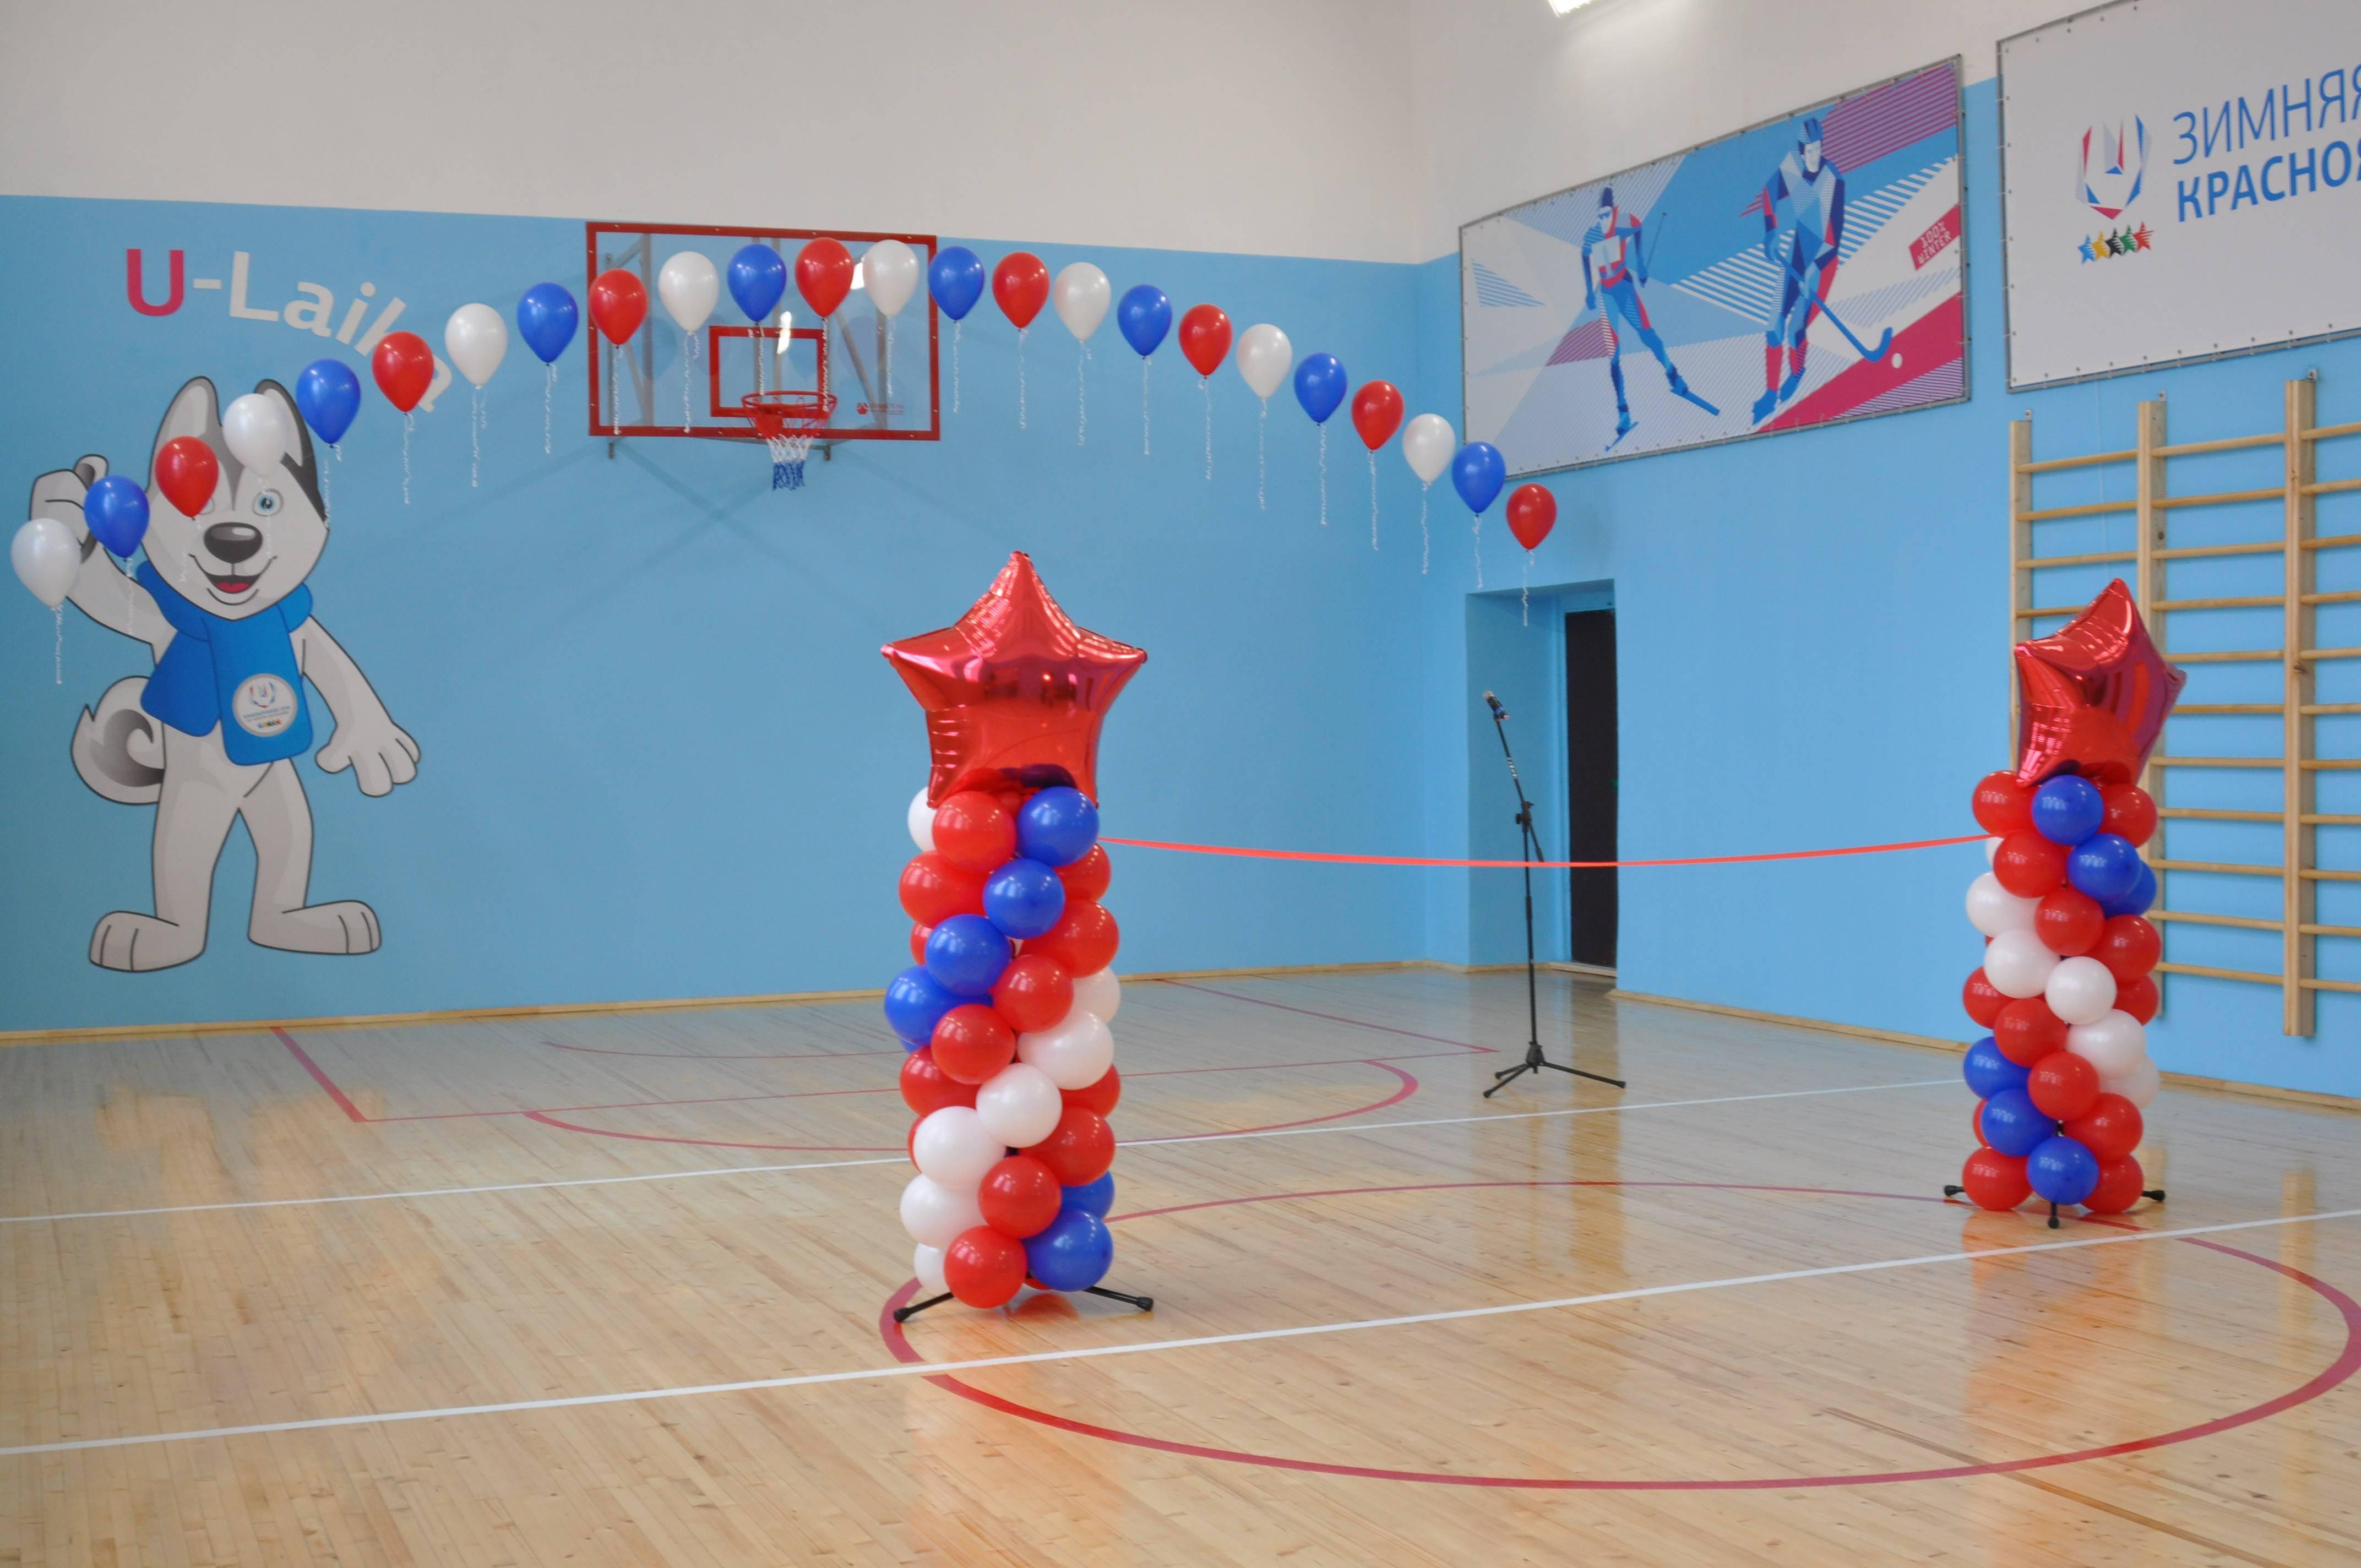 Спортивный праздник: как провести его весело и интересно